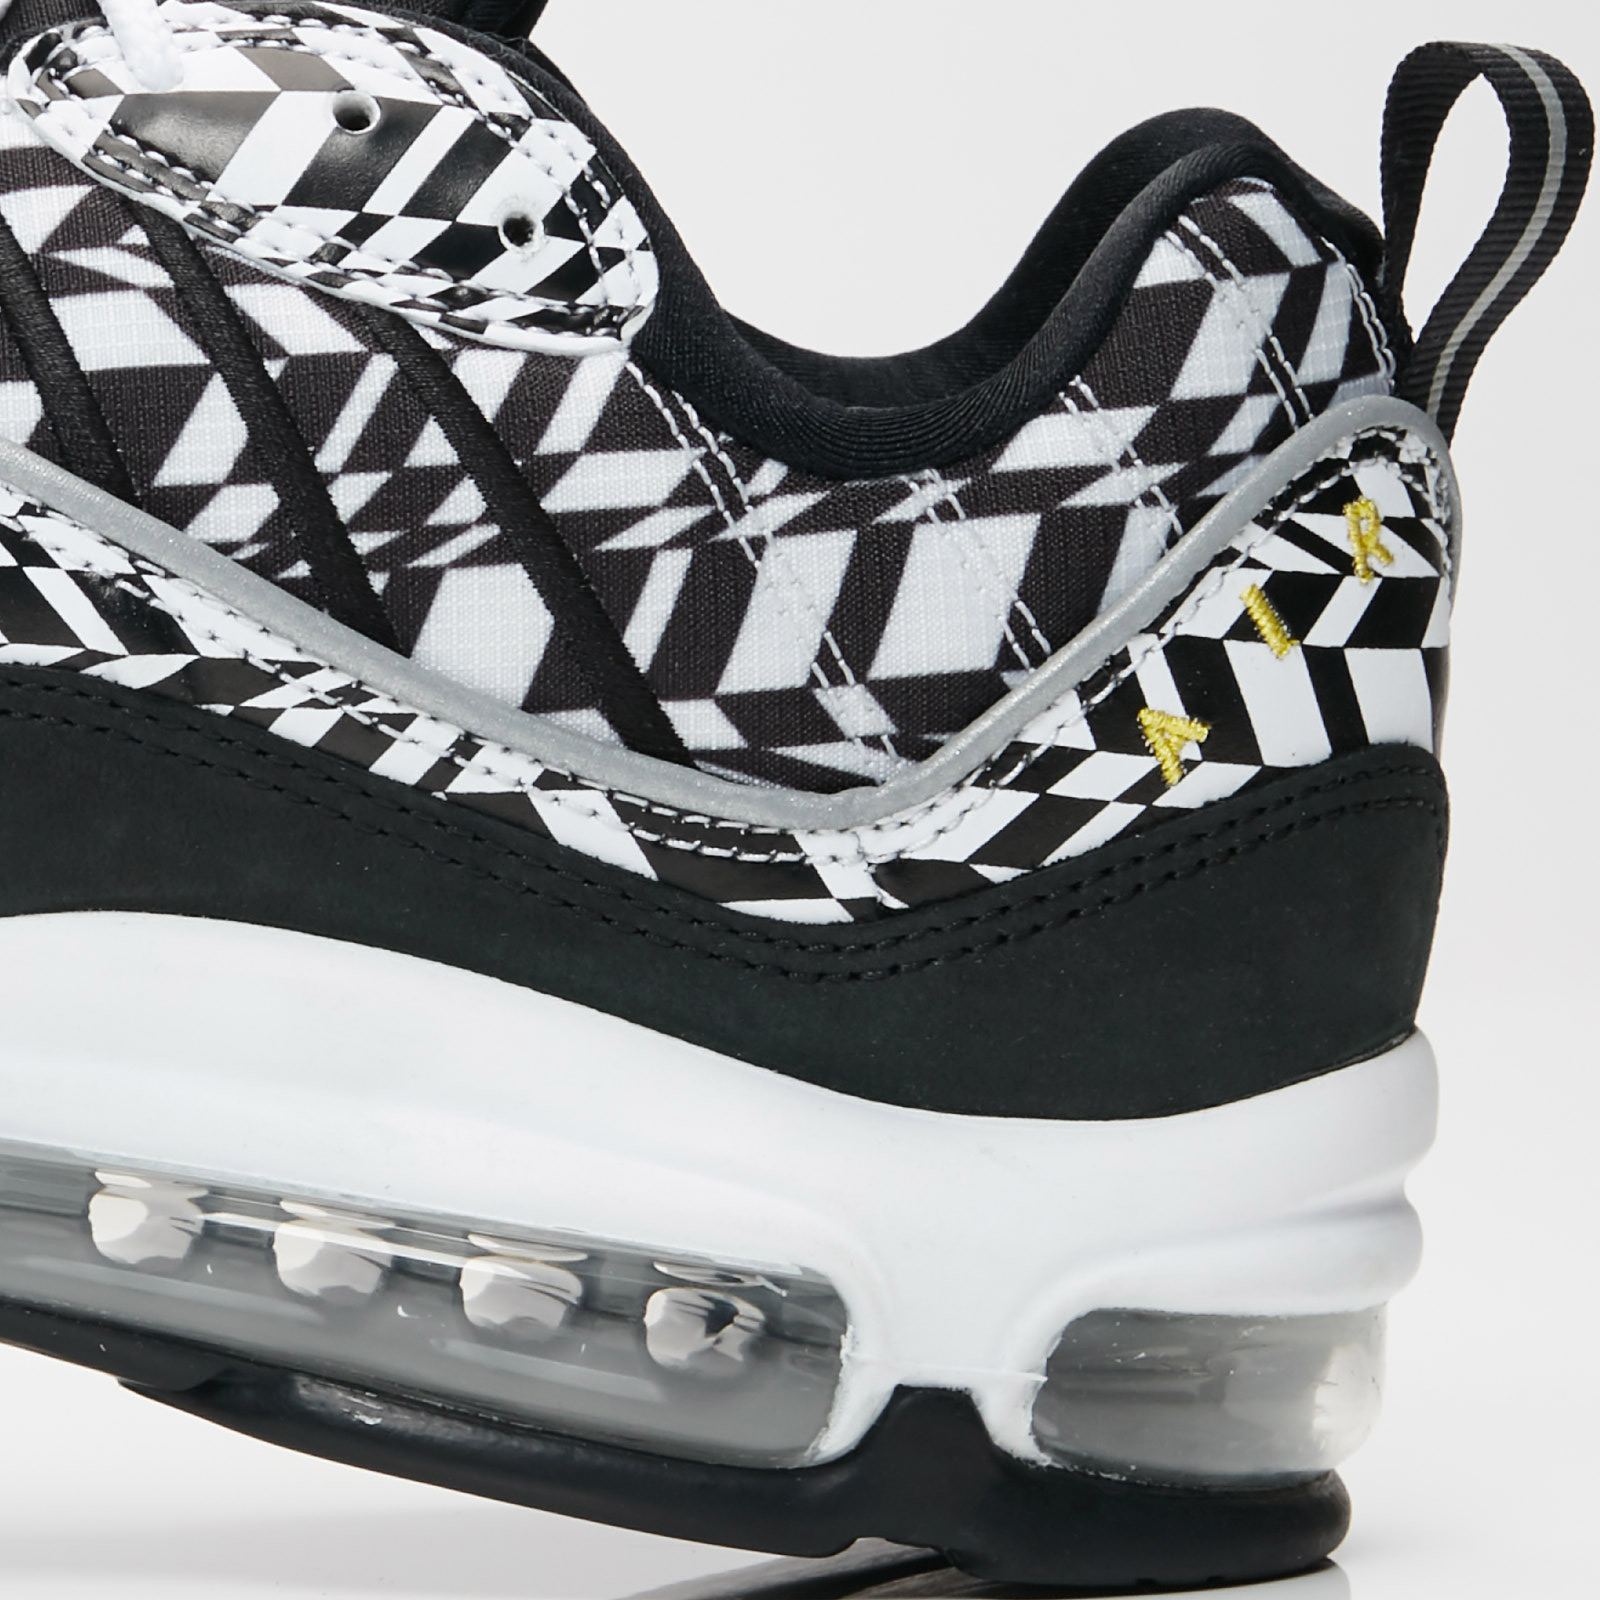 16c63b5fa3d Nike Air Max 98 AOP - Aq4130-100 - Sneakersnstuff